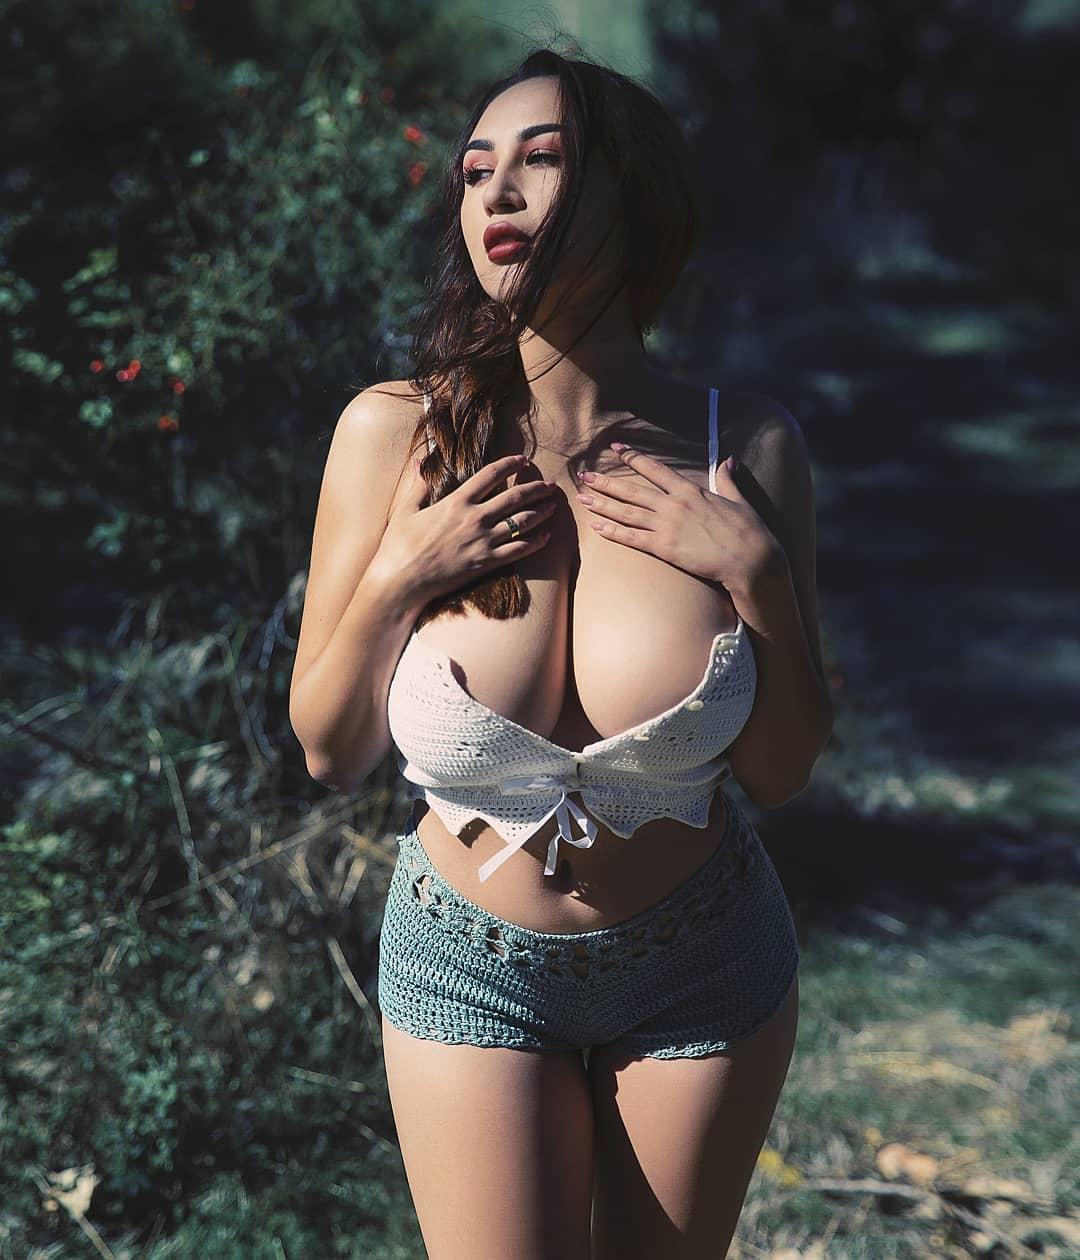 Louisa_Khovanski048.jpg